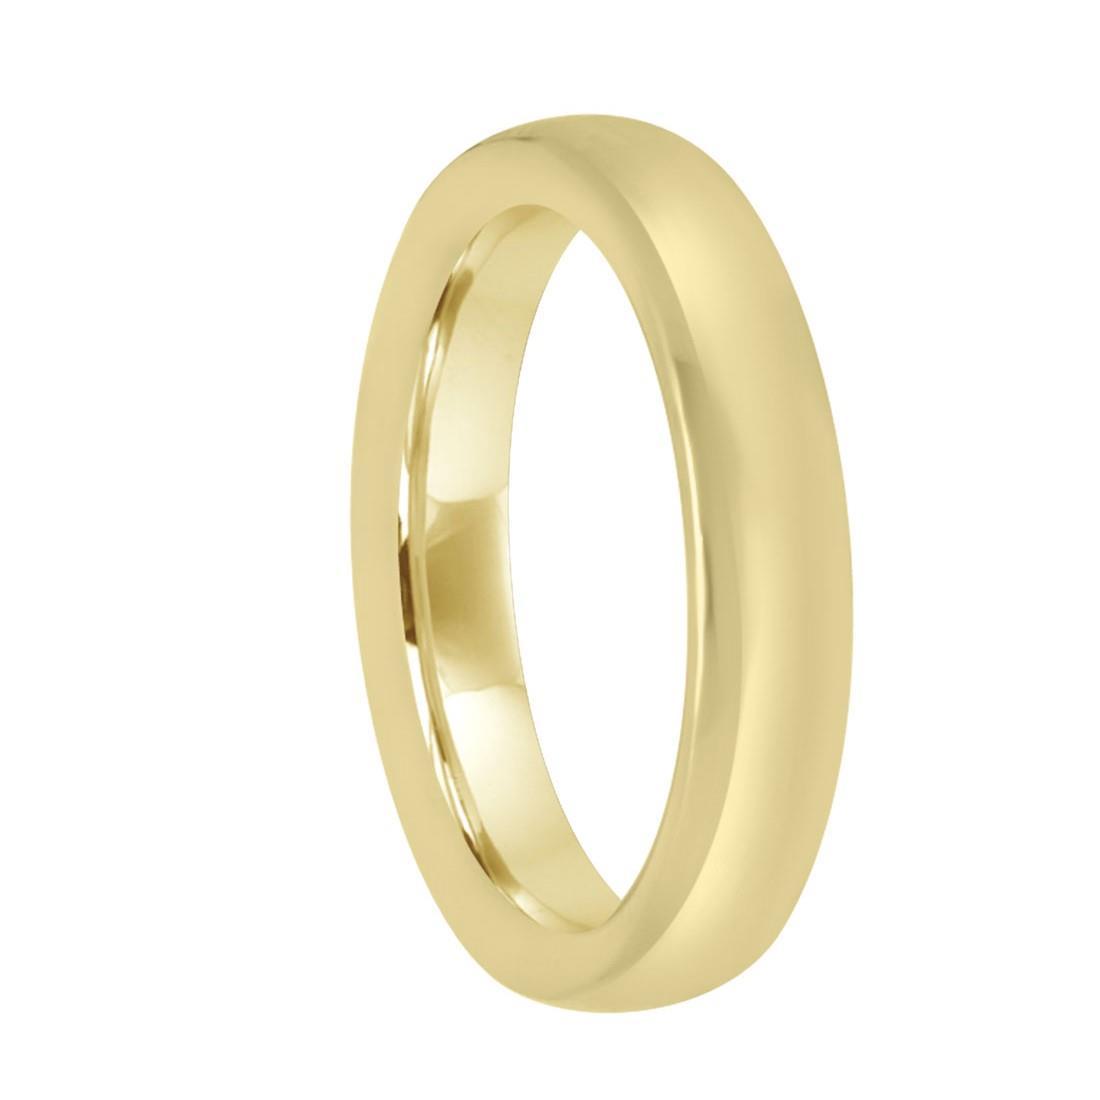 Anello in oro giallo con diamante ct 0.01, misura 13 - DAMIANI